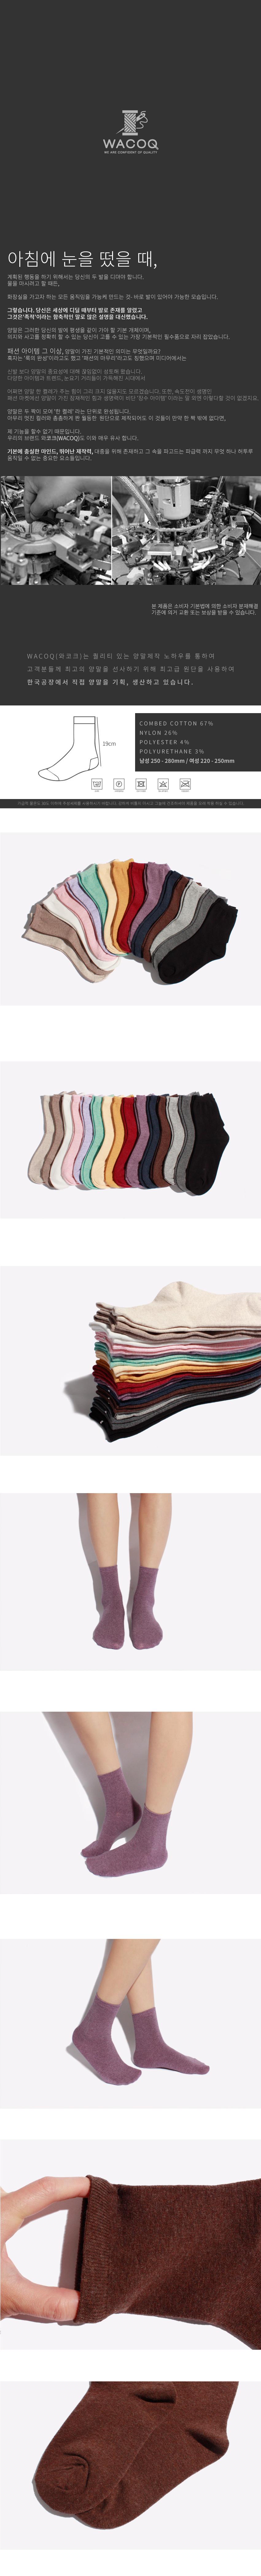 와코크(WACOQ) [5팩] 선택형 여성용 0122 베이직 컬러 립삭스